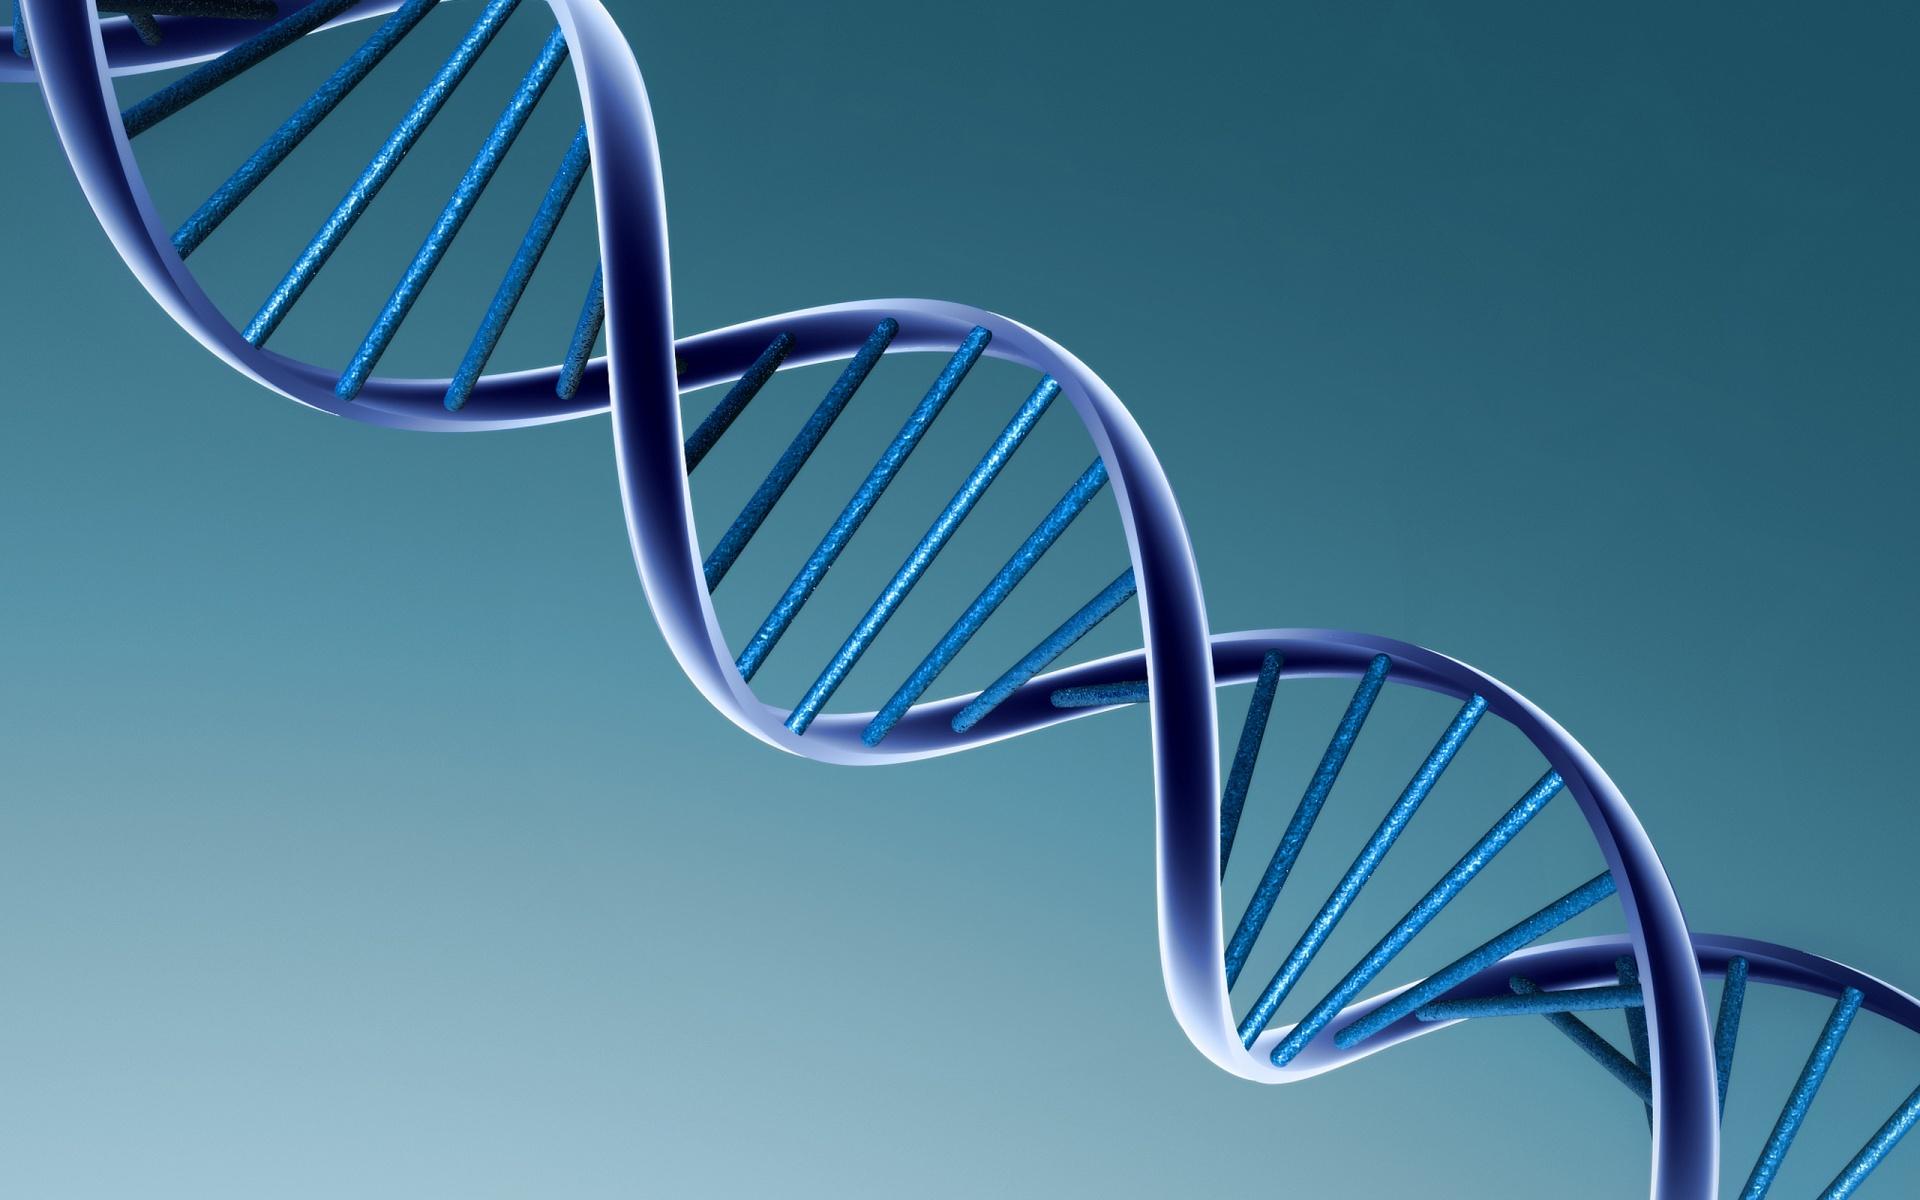 Wallpaper DNA DNA Double Helix 1920x1200